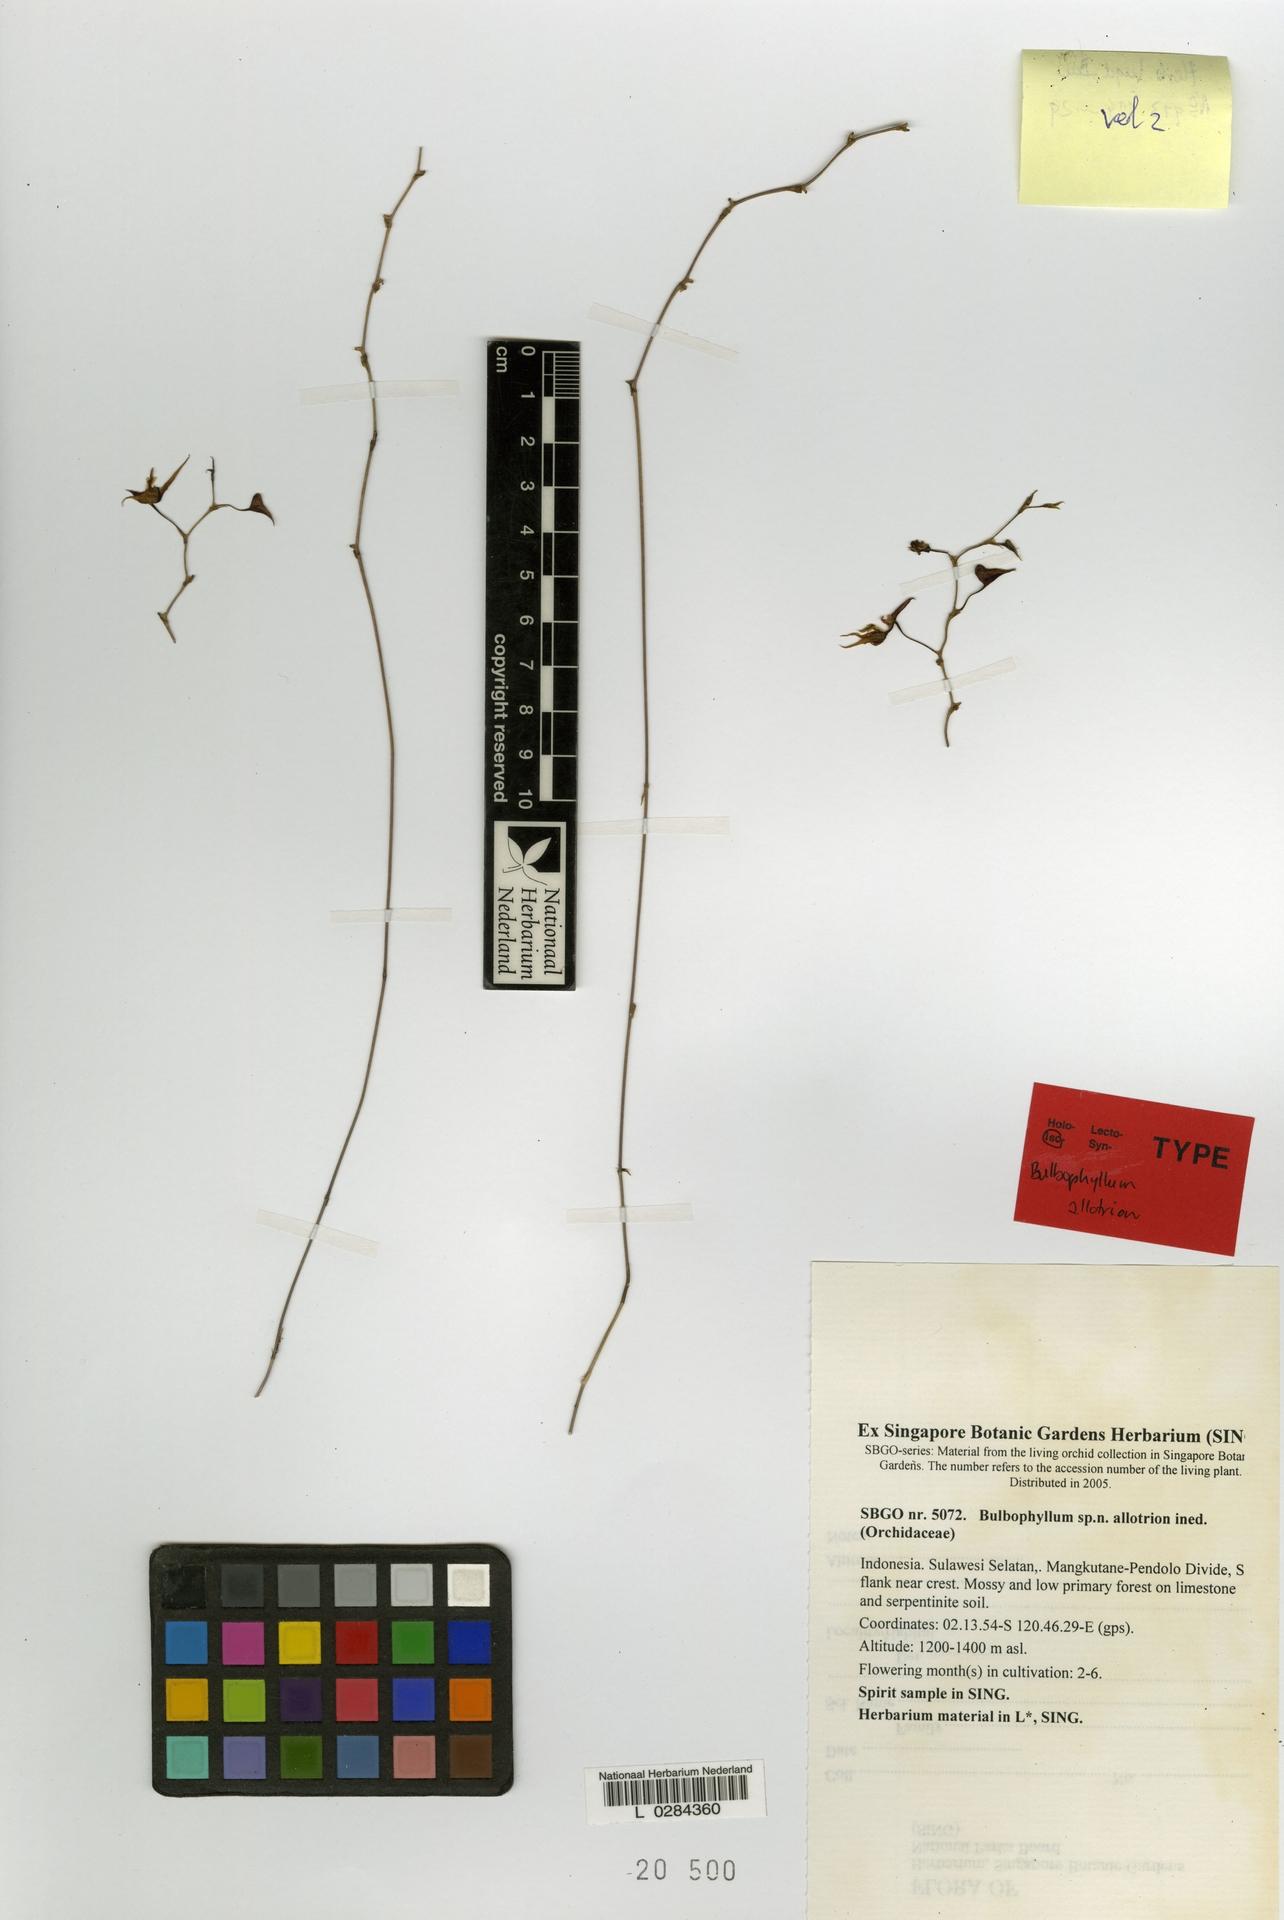 L  0284360   Bulbophyllum allotrion J.J.Verm. & P.O'Byrne